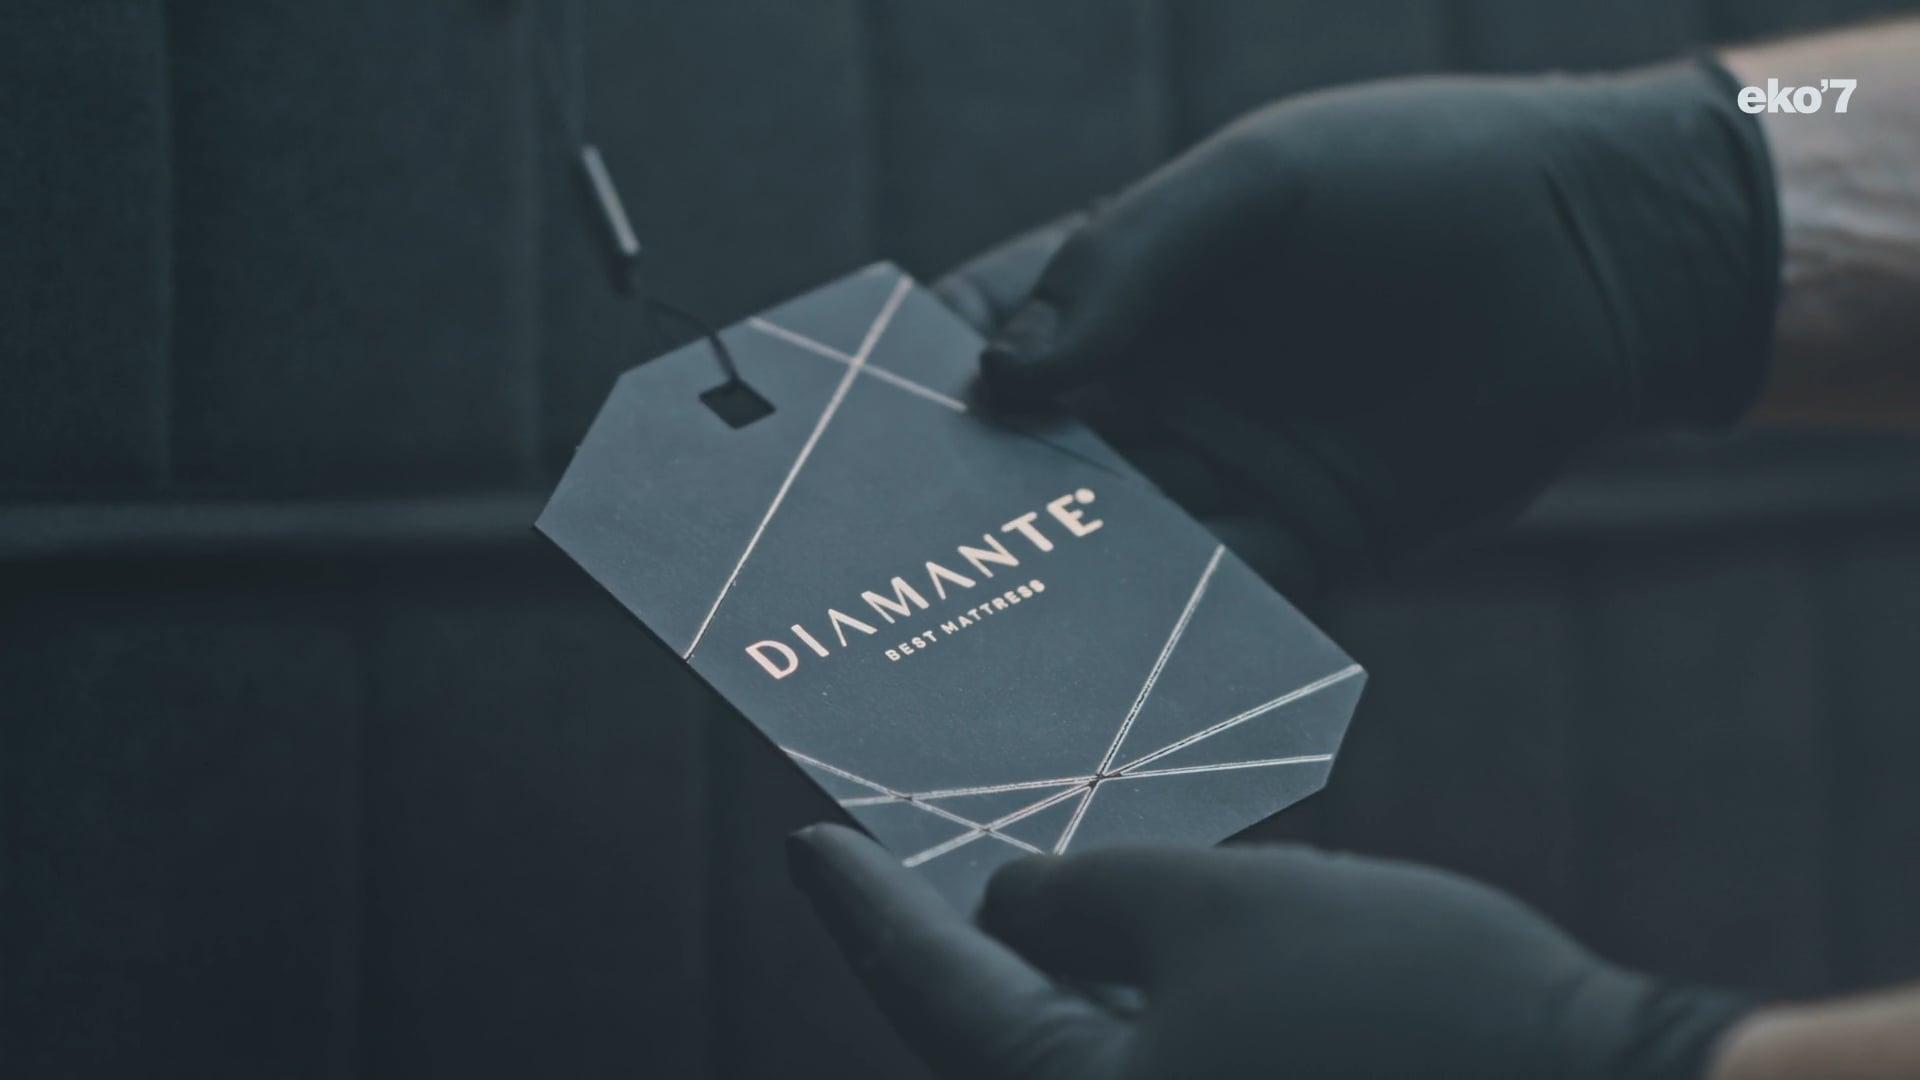 EKO7 · DIAMANTE ·Feito à Mão